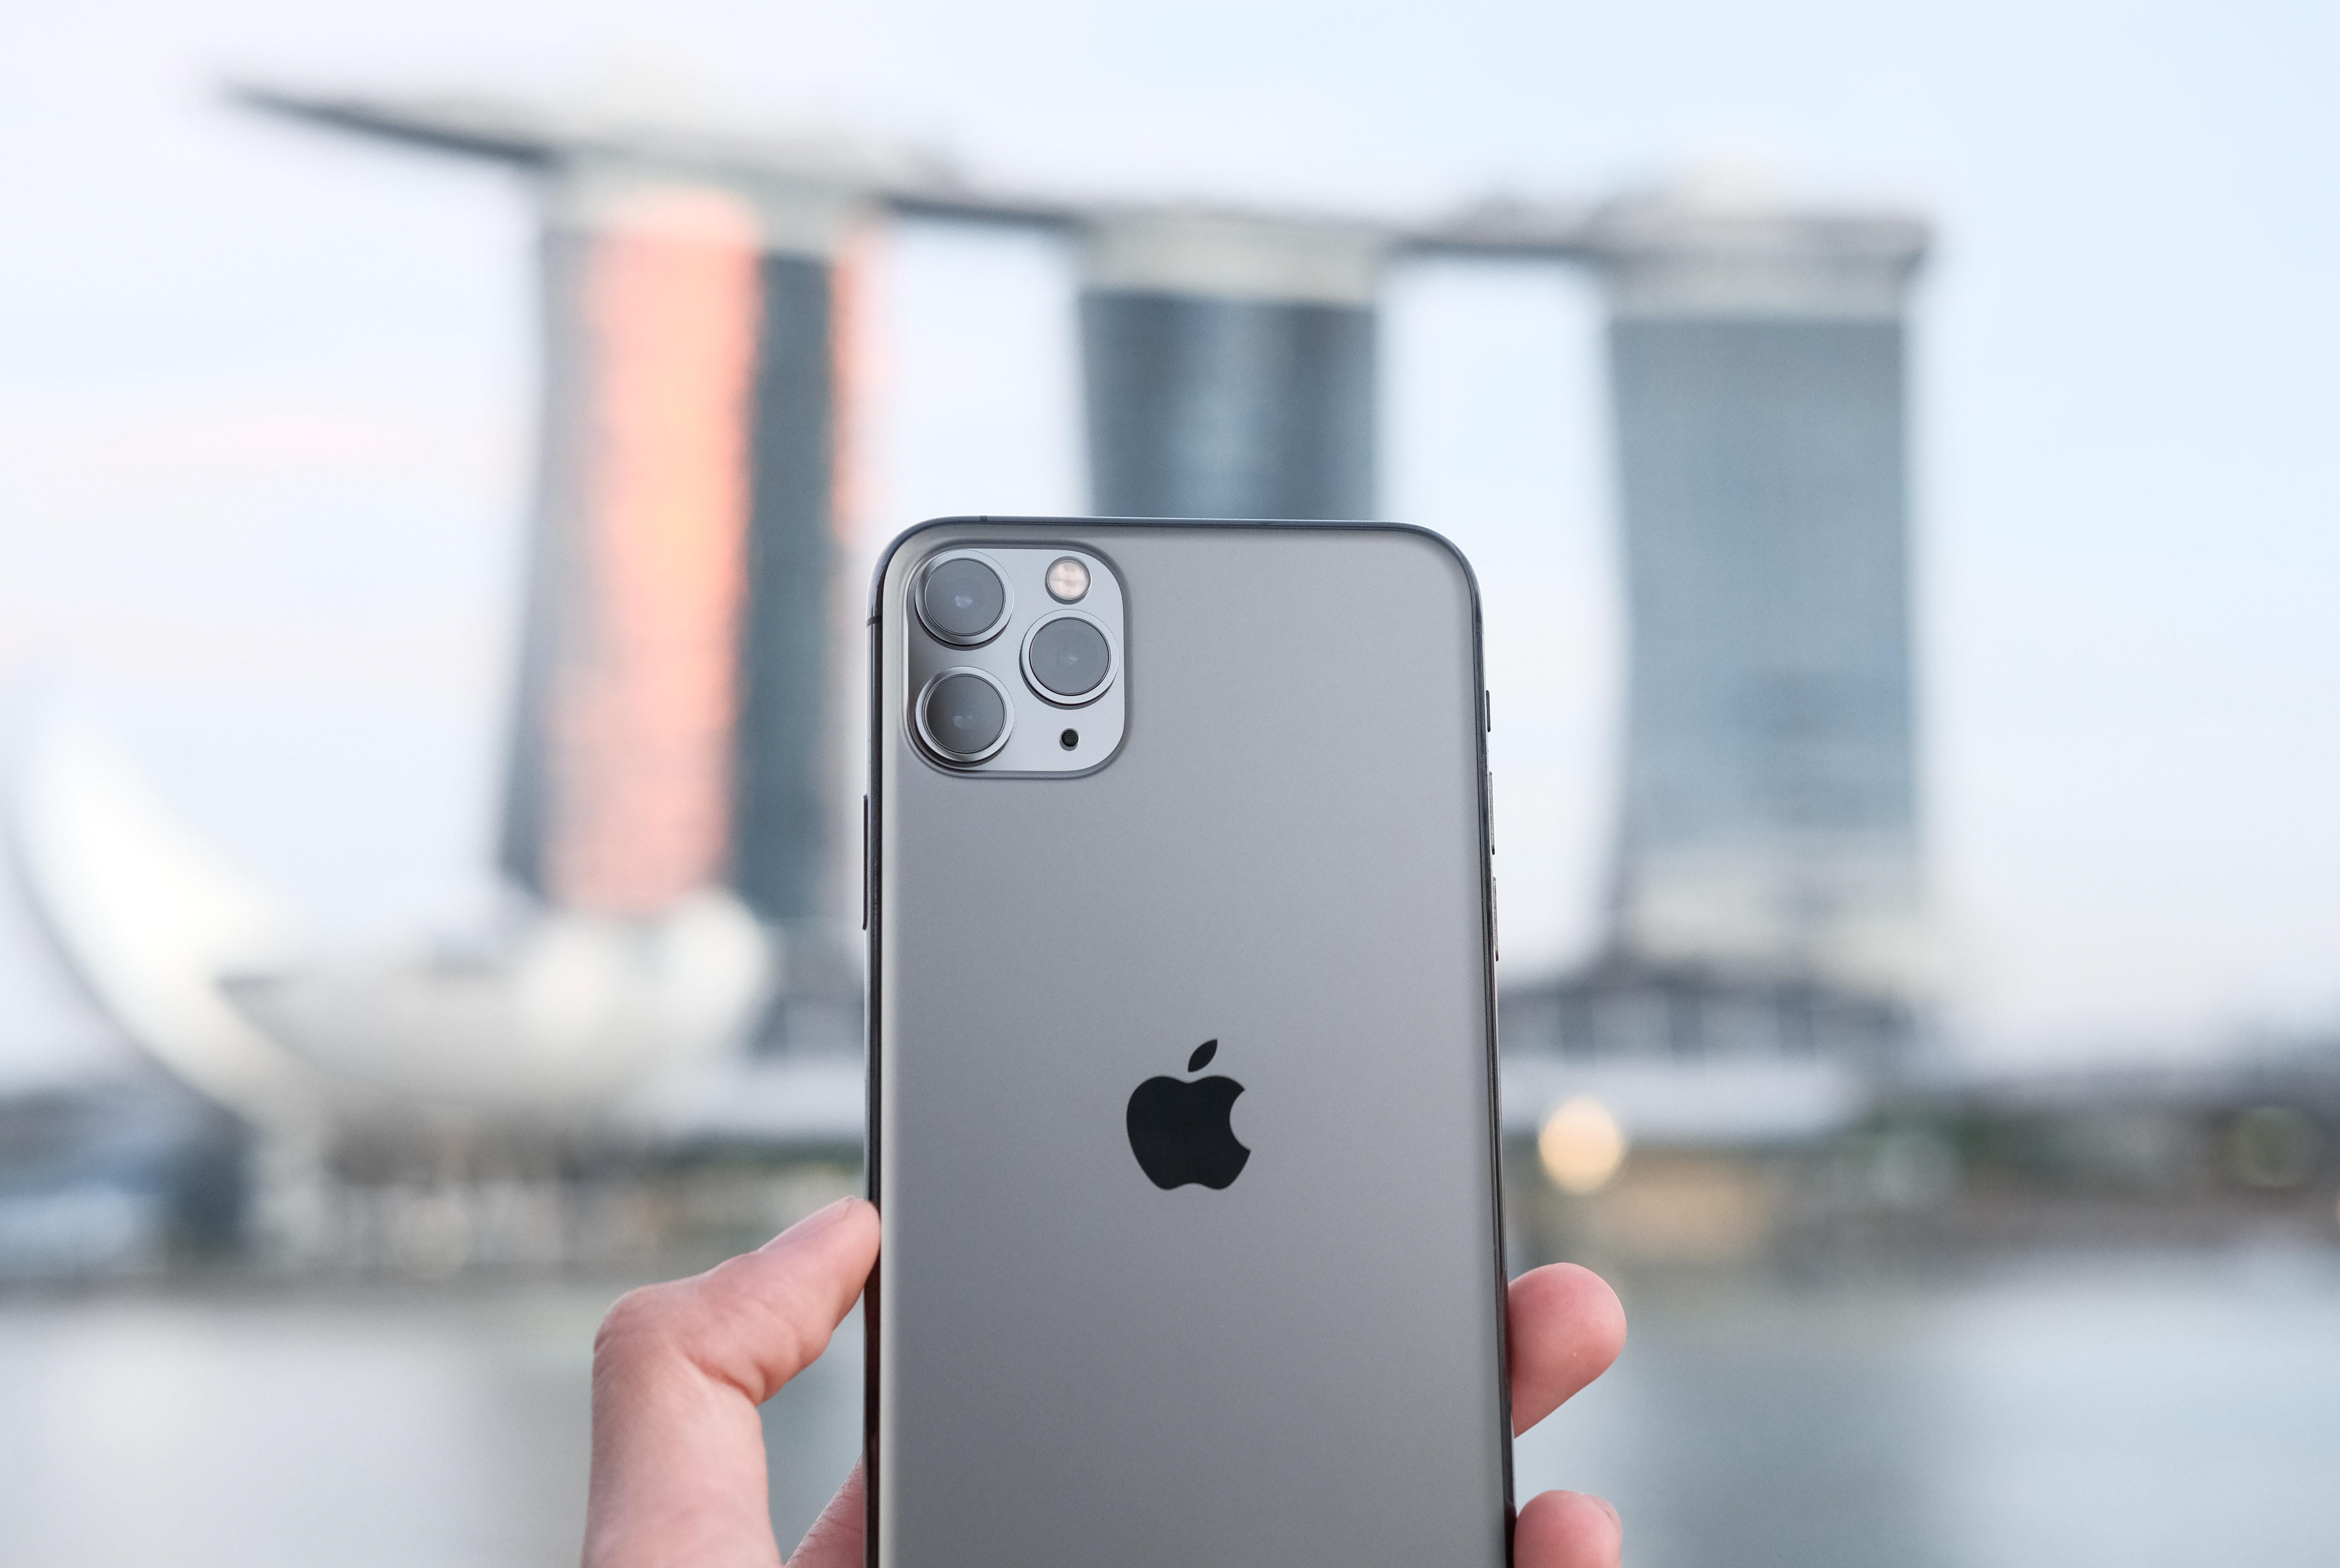 L'iPhone 11 Pro Max fait moins bien que le Mi Note 10 Pro et le Mate 30 Pro selon DxOMark